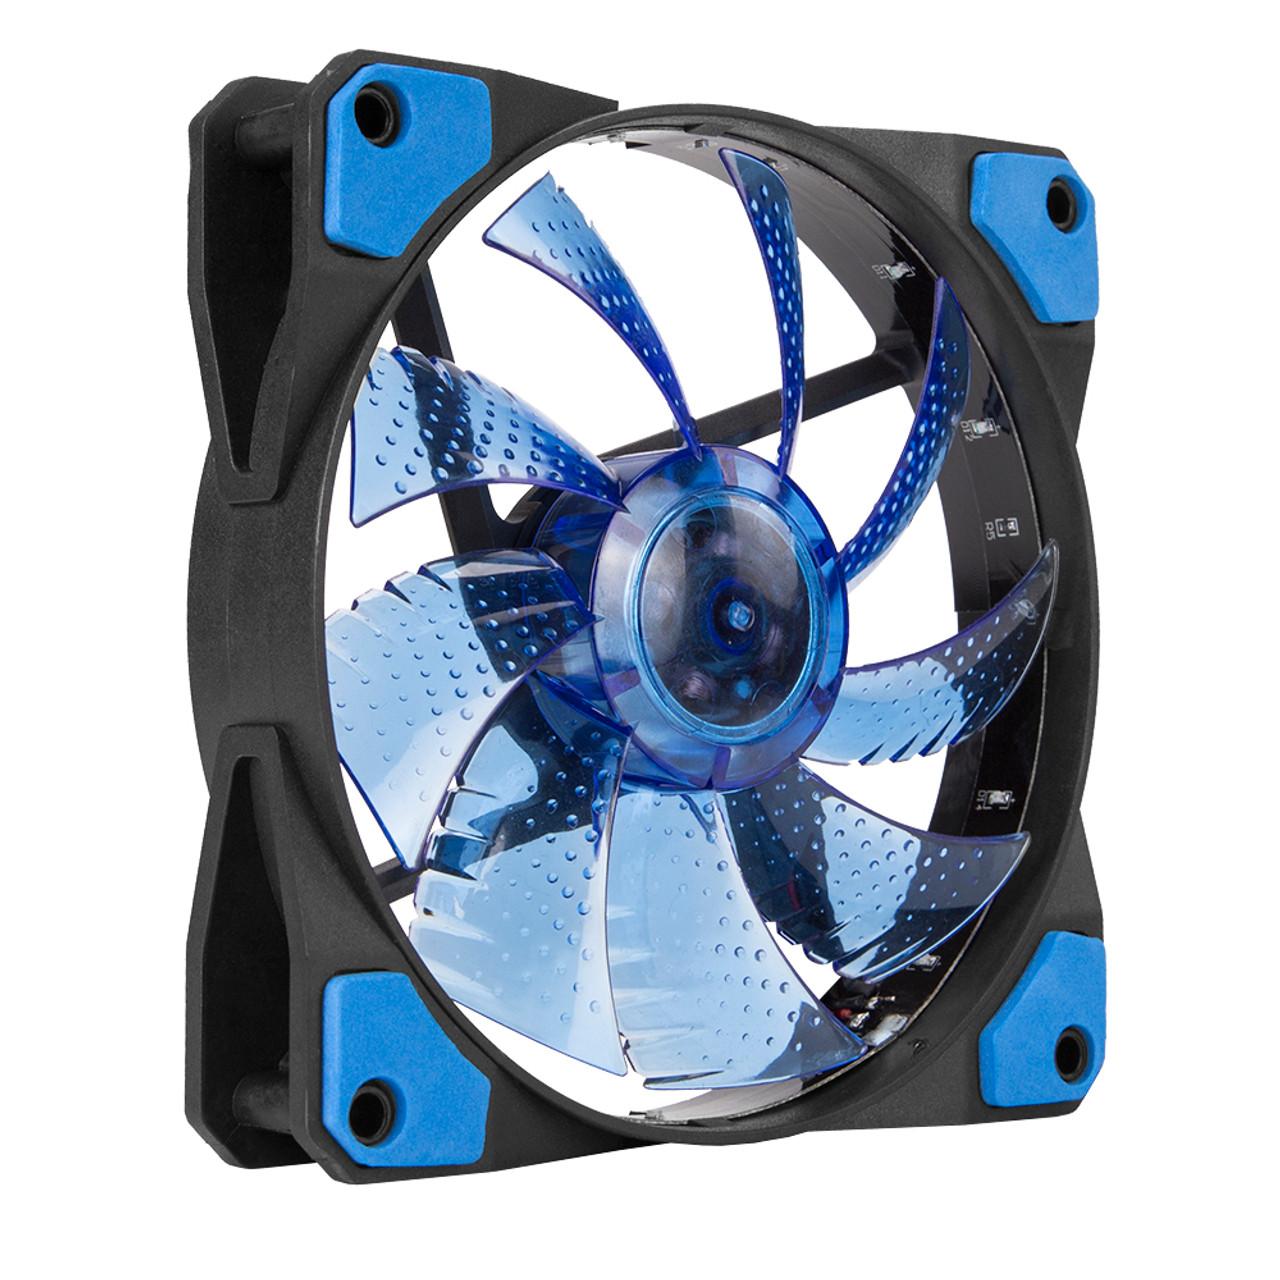 MARVO SCORPION FN10BL BLUE LED BACKLIT 120 MM CASE FAN